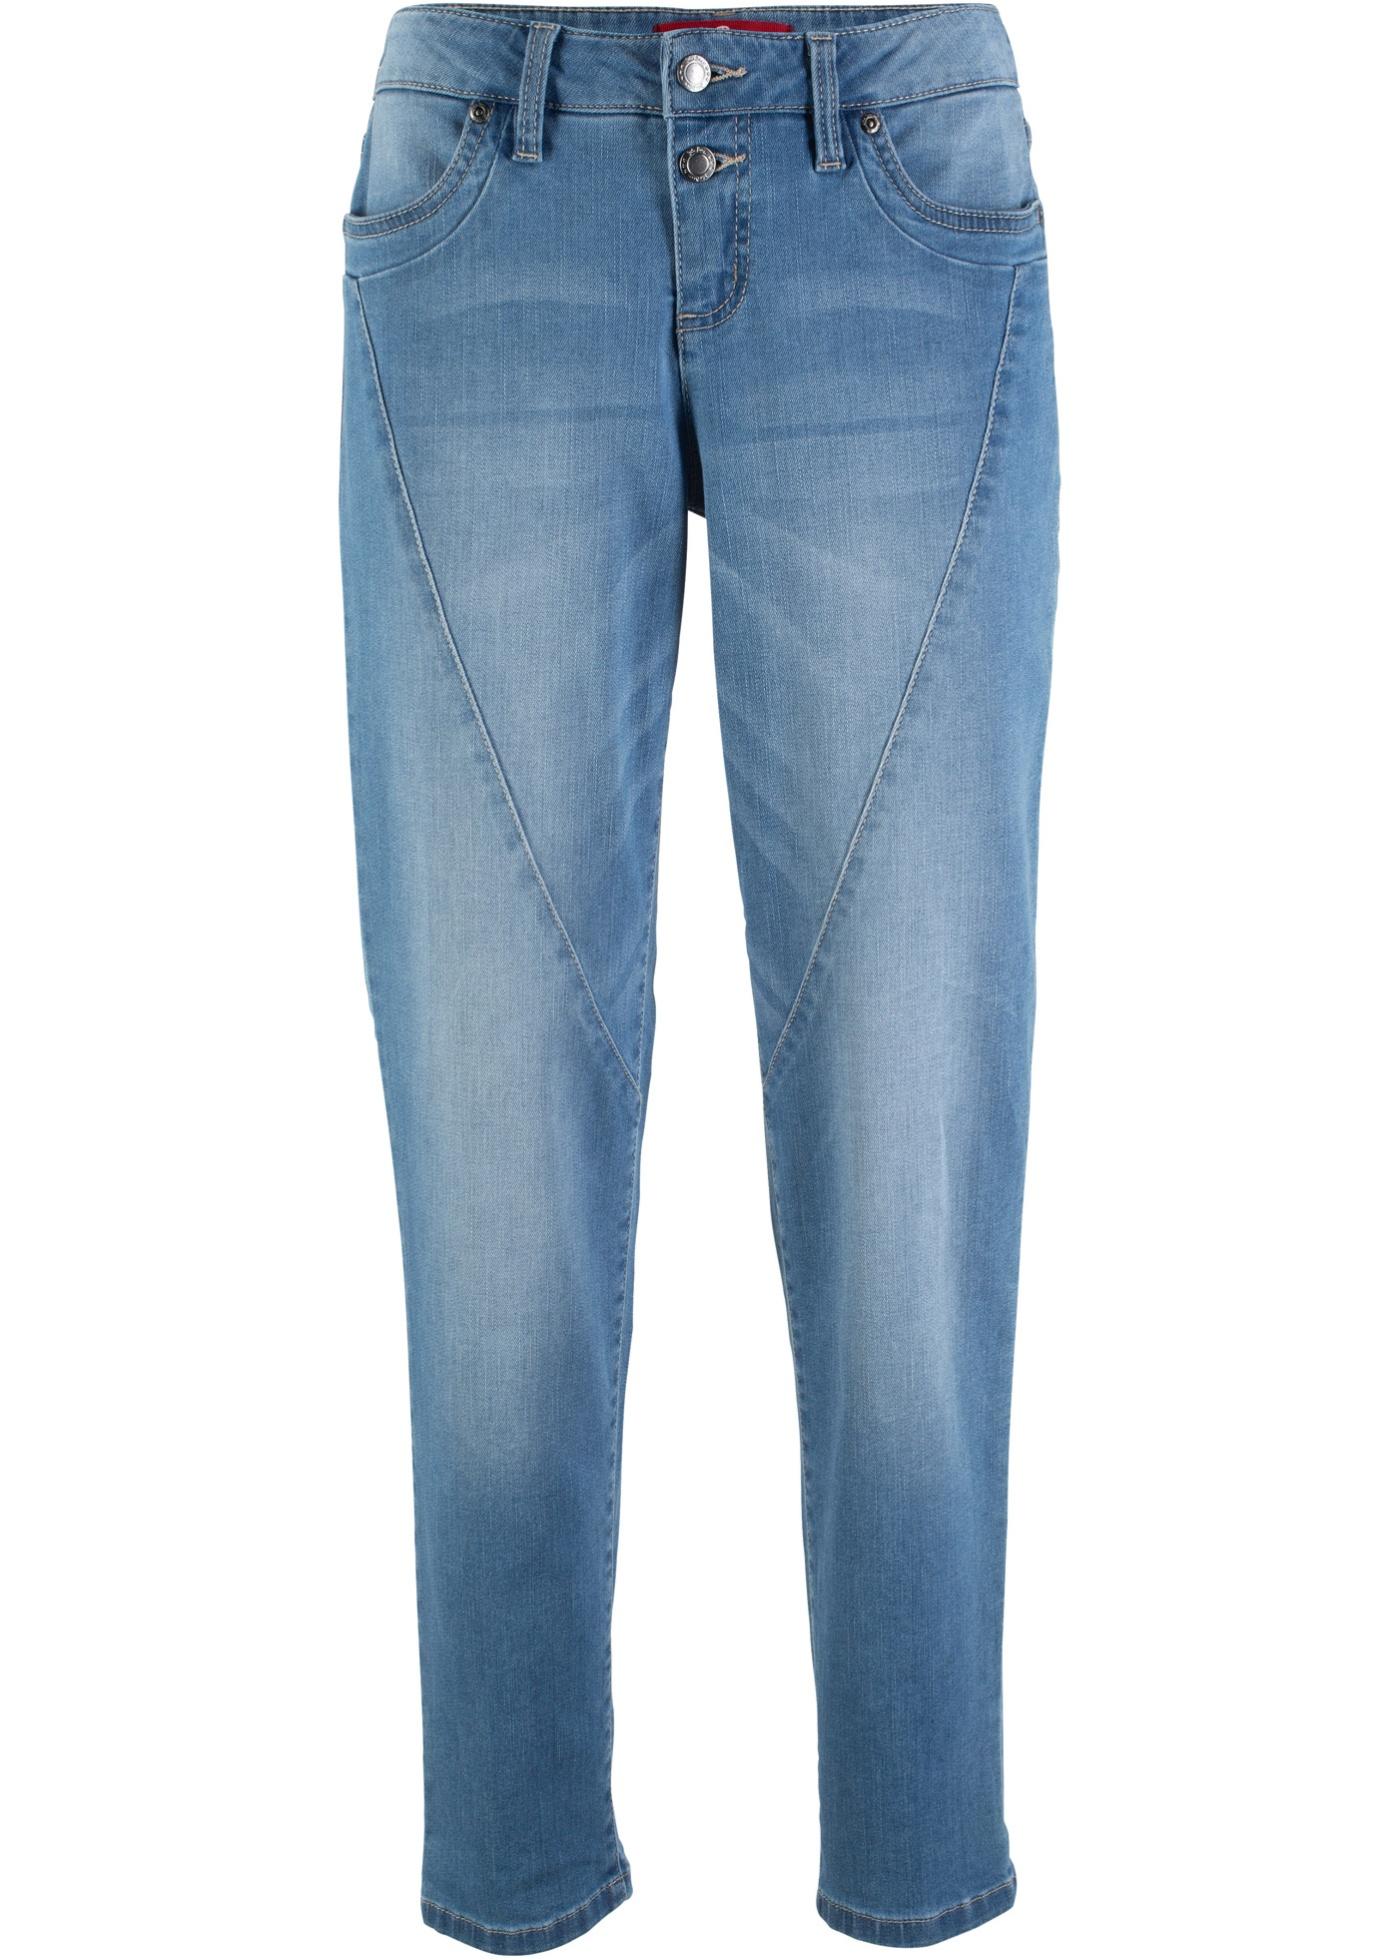 Femme Boyfriend John BonprixJean Multi Pour stretch Baner Jeanswear Bleu Yg7bf6y